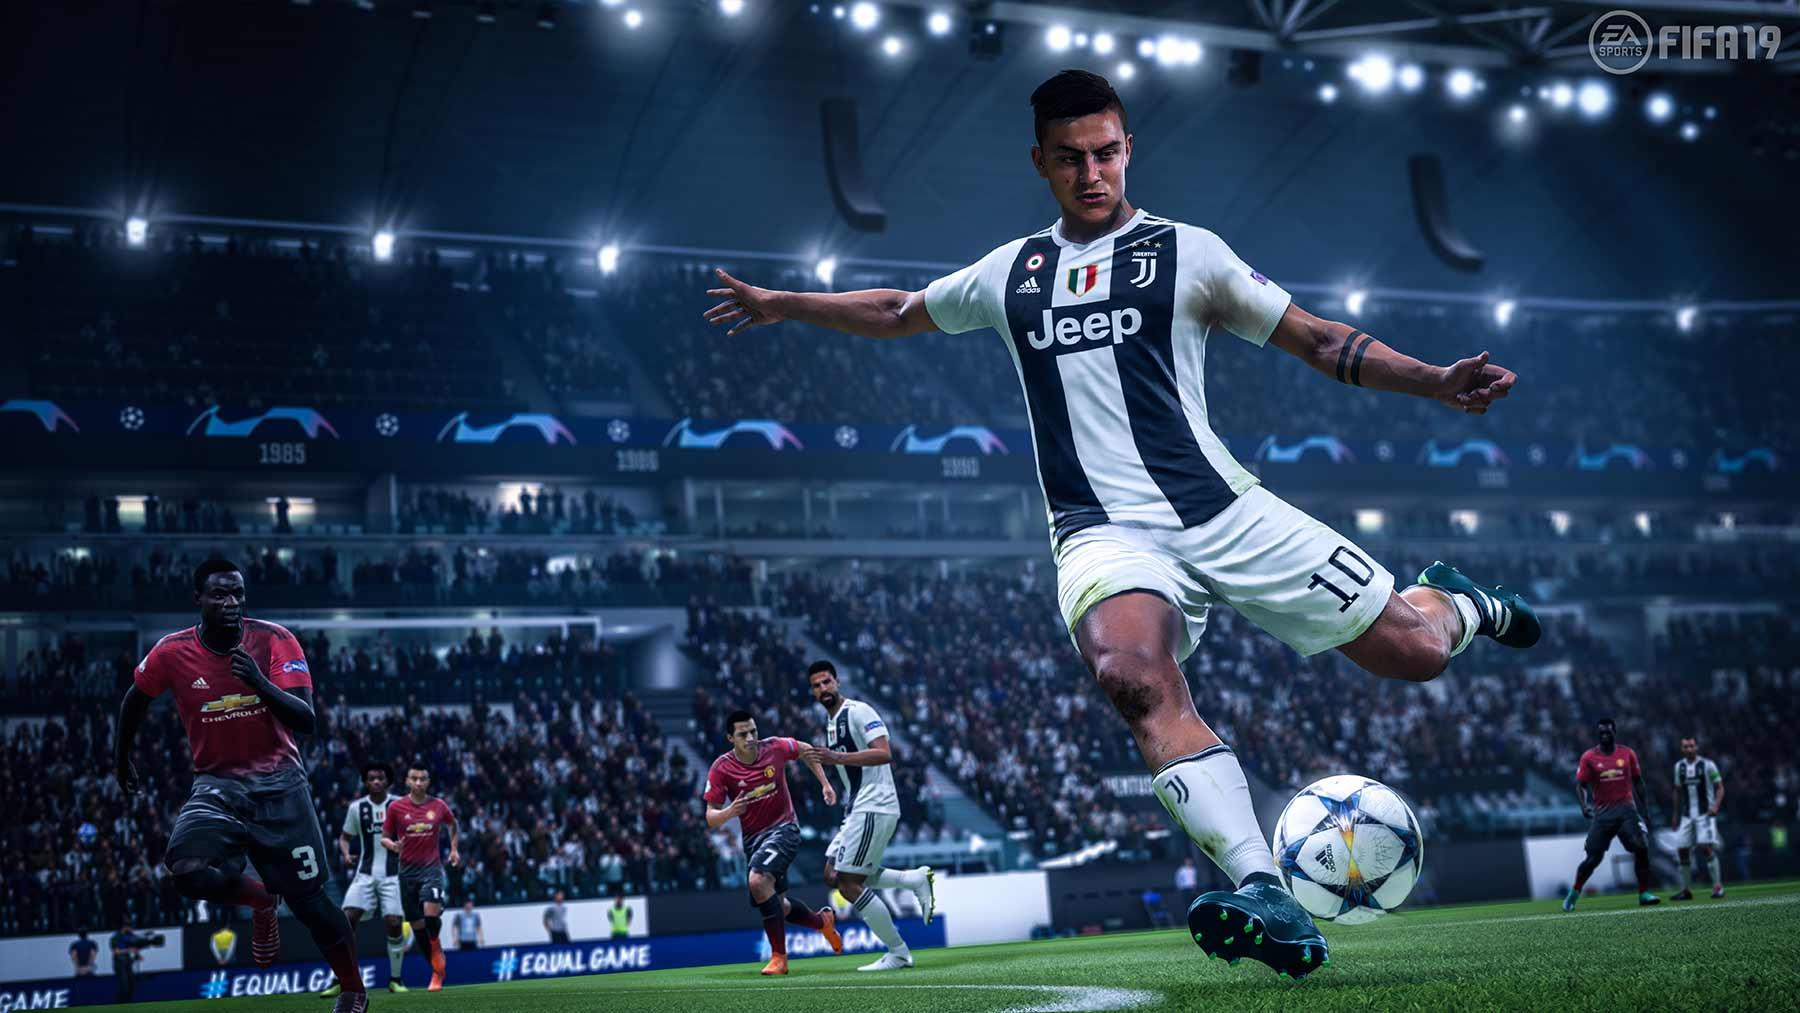 Review: Fifa 19 FIFA19_02